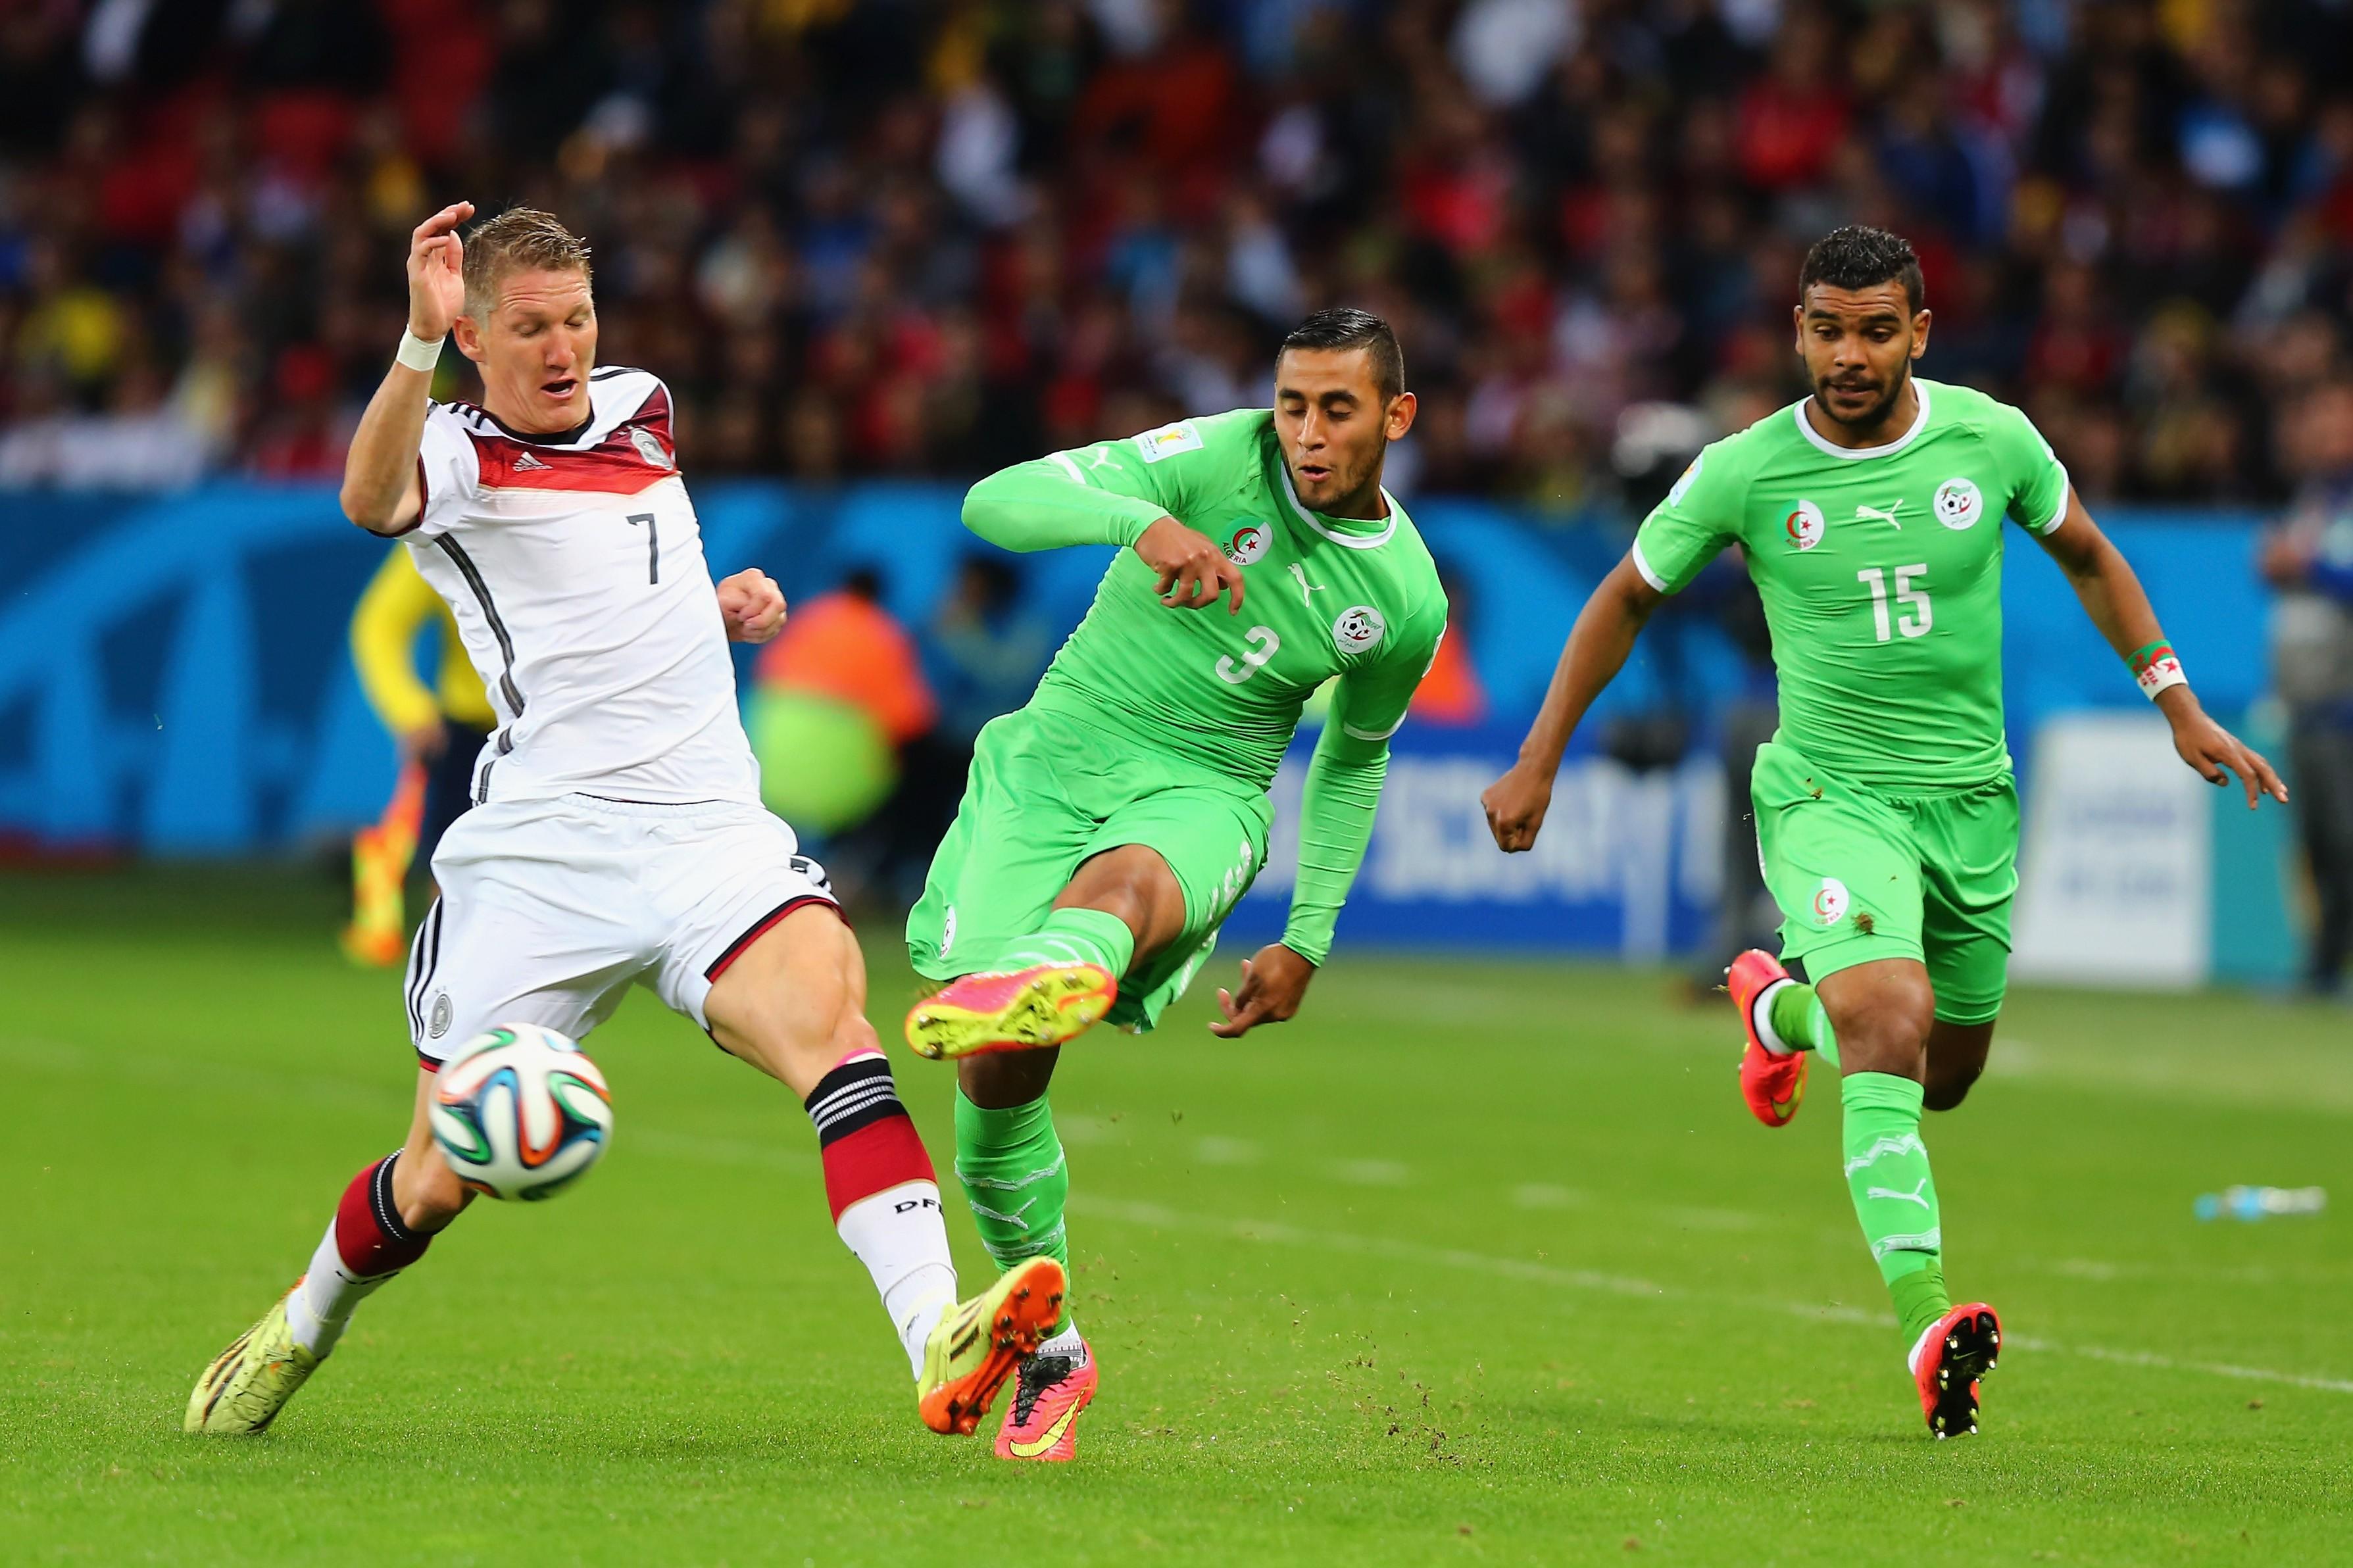 Германия - Алжир 2:1. Немцы уносят ноги от неуступчивого Алжира - изображение 2